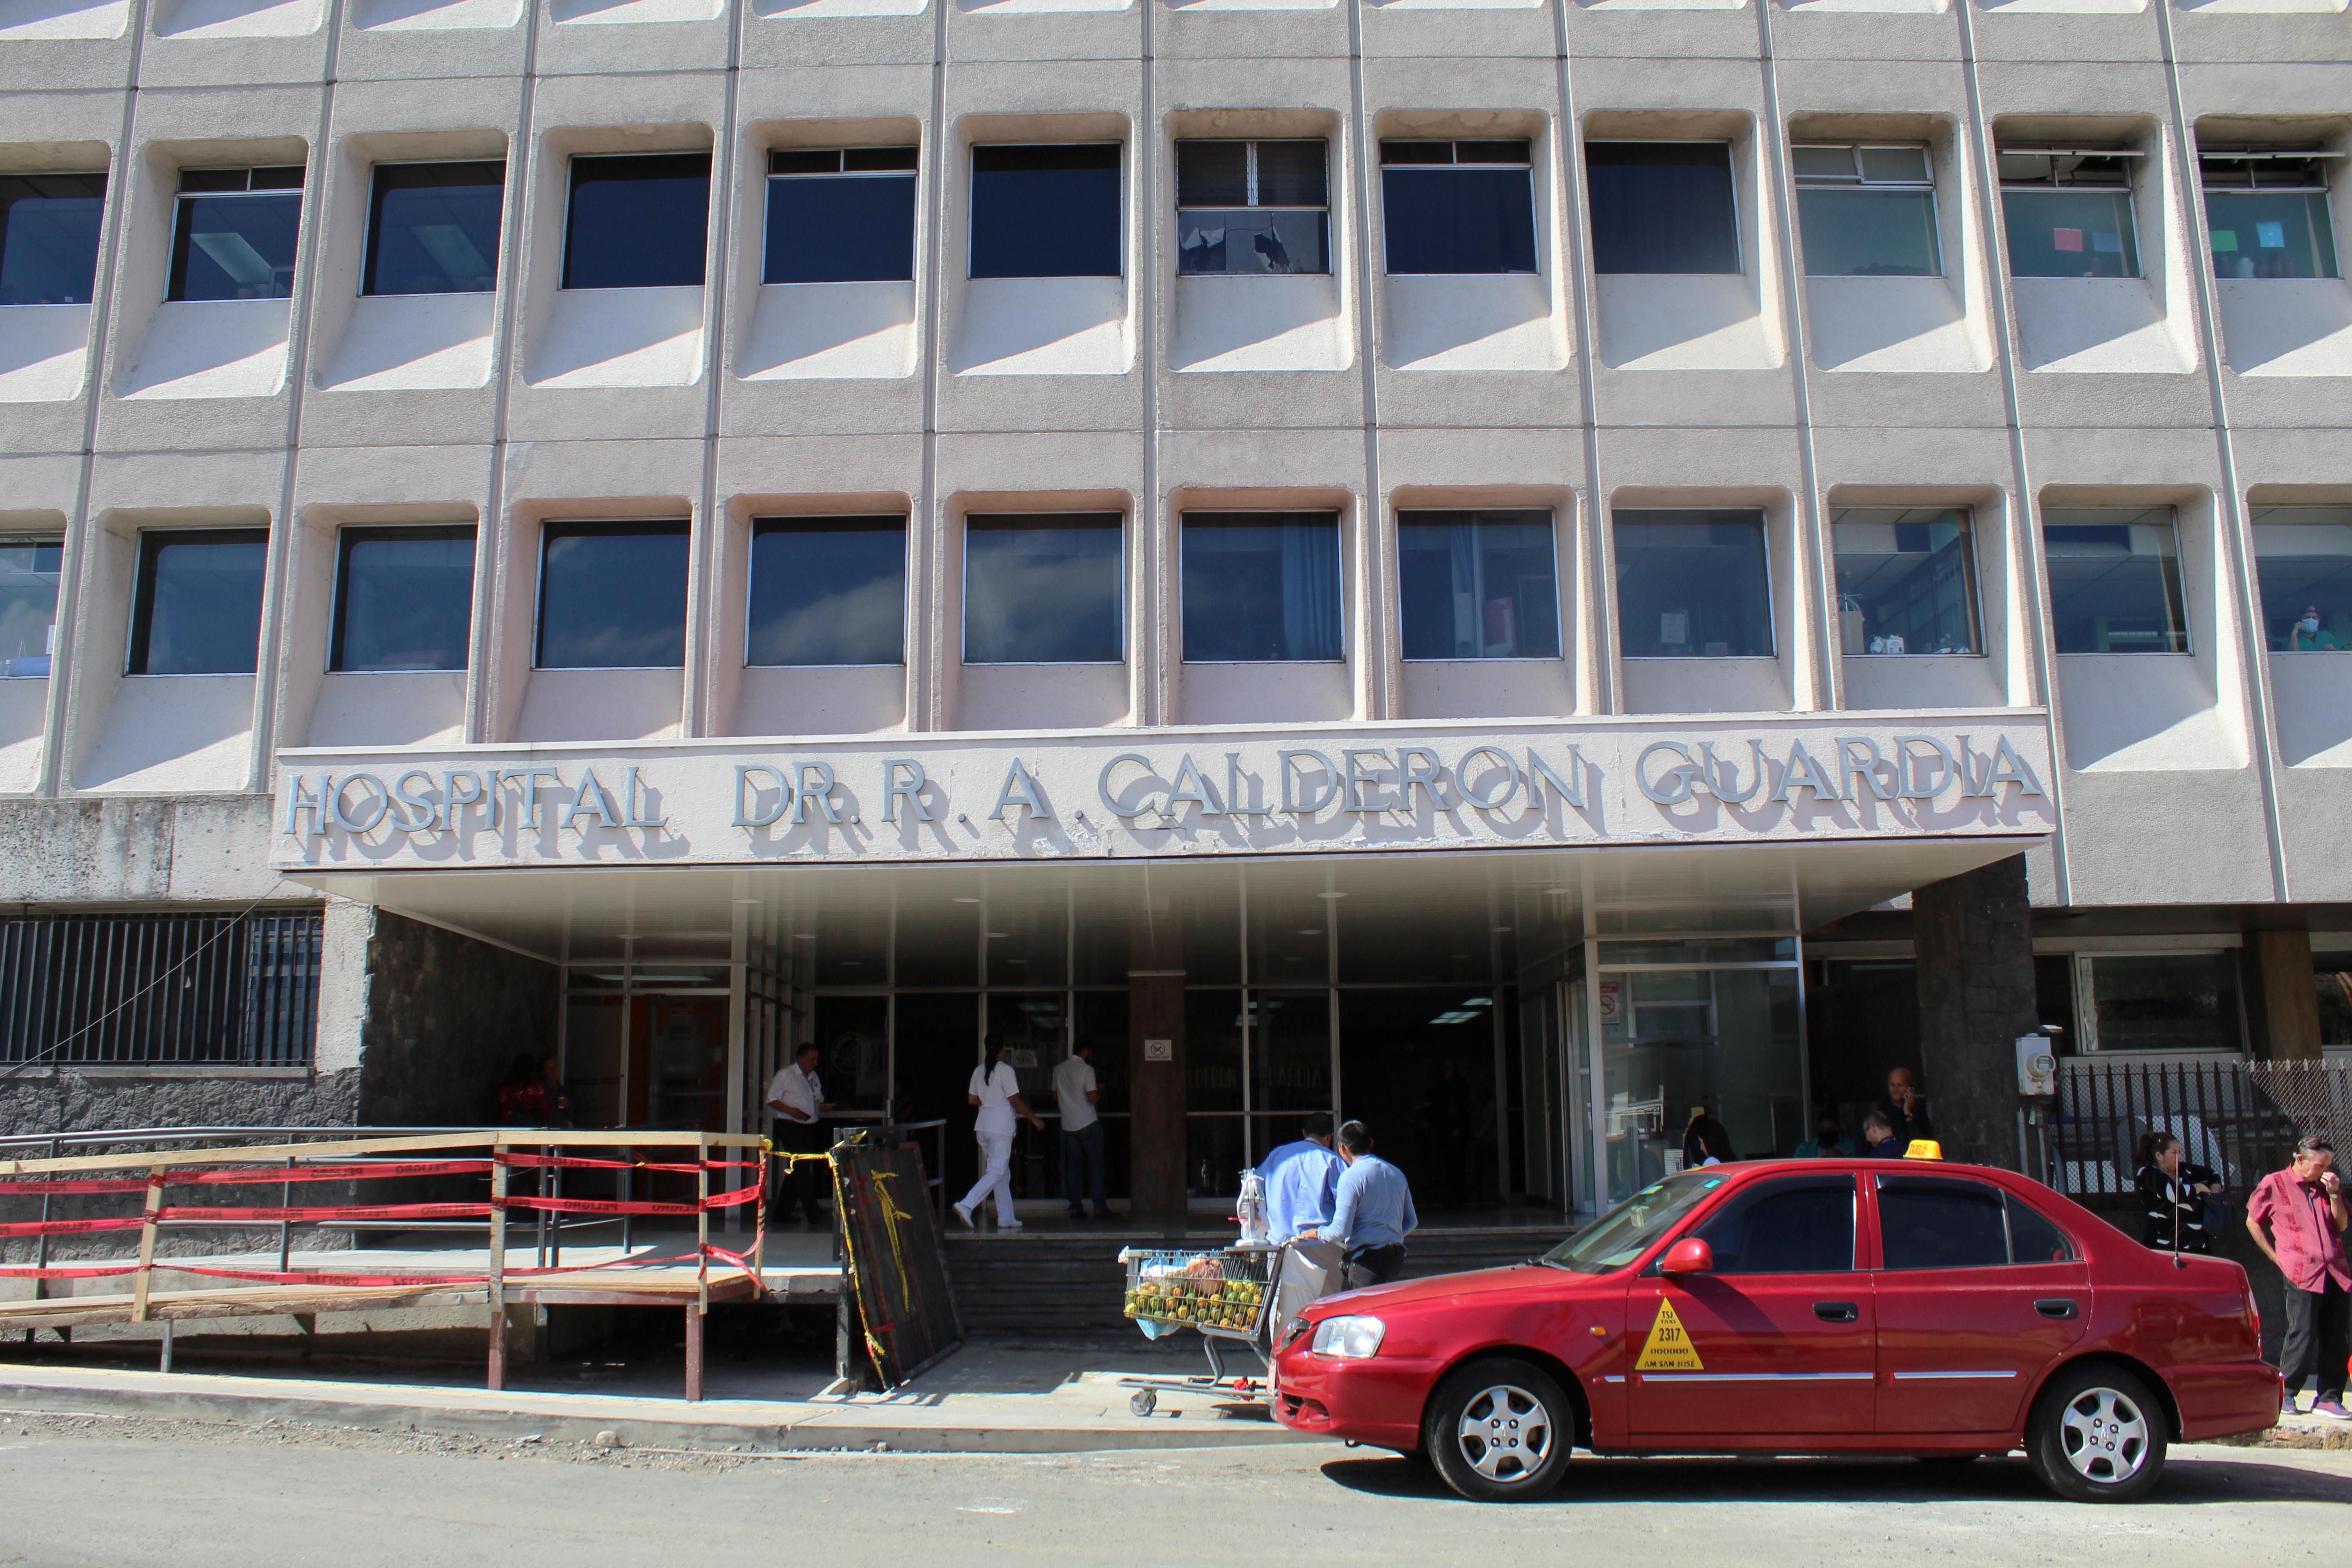 El Hospital Rafael Angel Calderón Guarida es uno de los muchos hospitales públicos que pertenecen a la Caja Costarricense del Seguro Social. | Elizabeth Marie Lang Oreamuno | COVIDA |